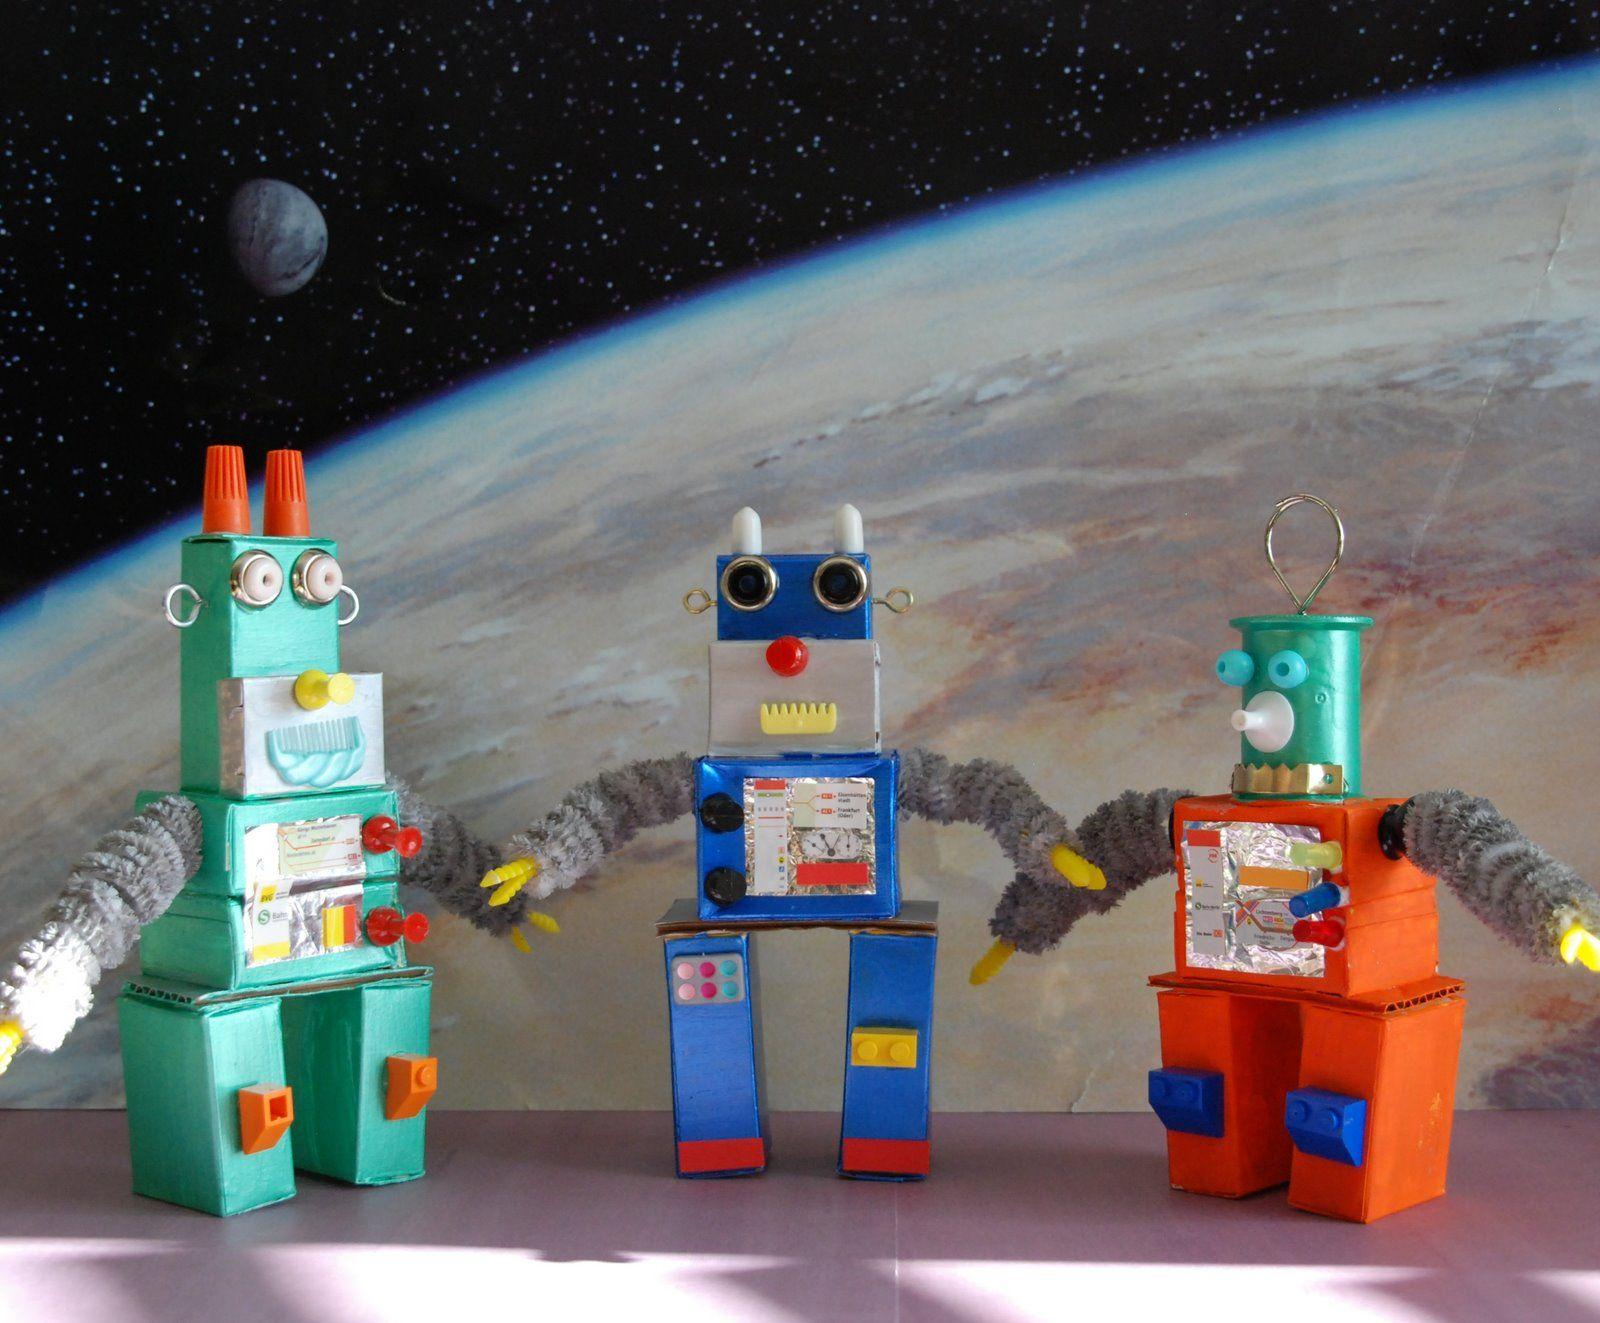 Cómo hacer robots con cajas pequeñas | robots | Pinterest | Cajas ...